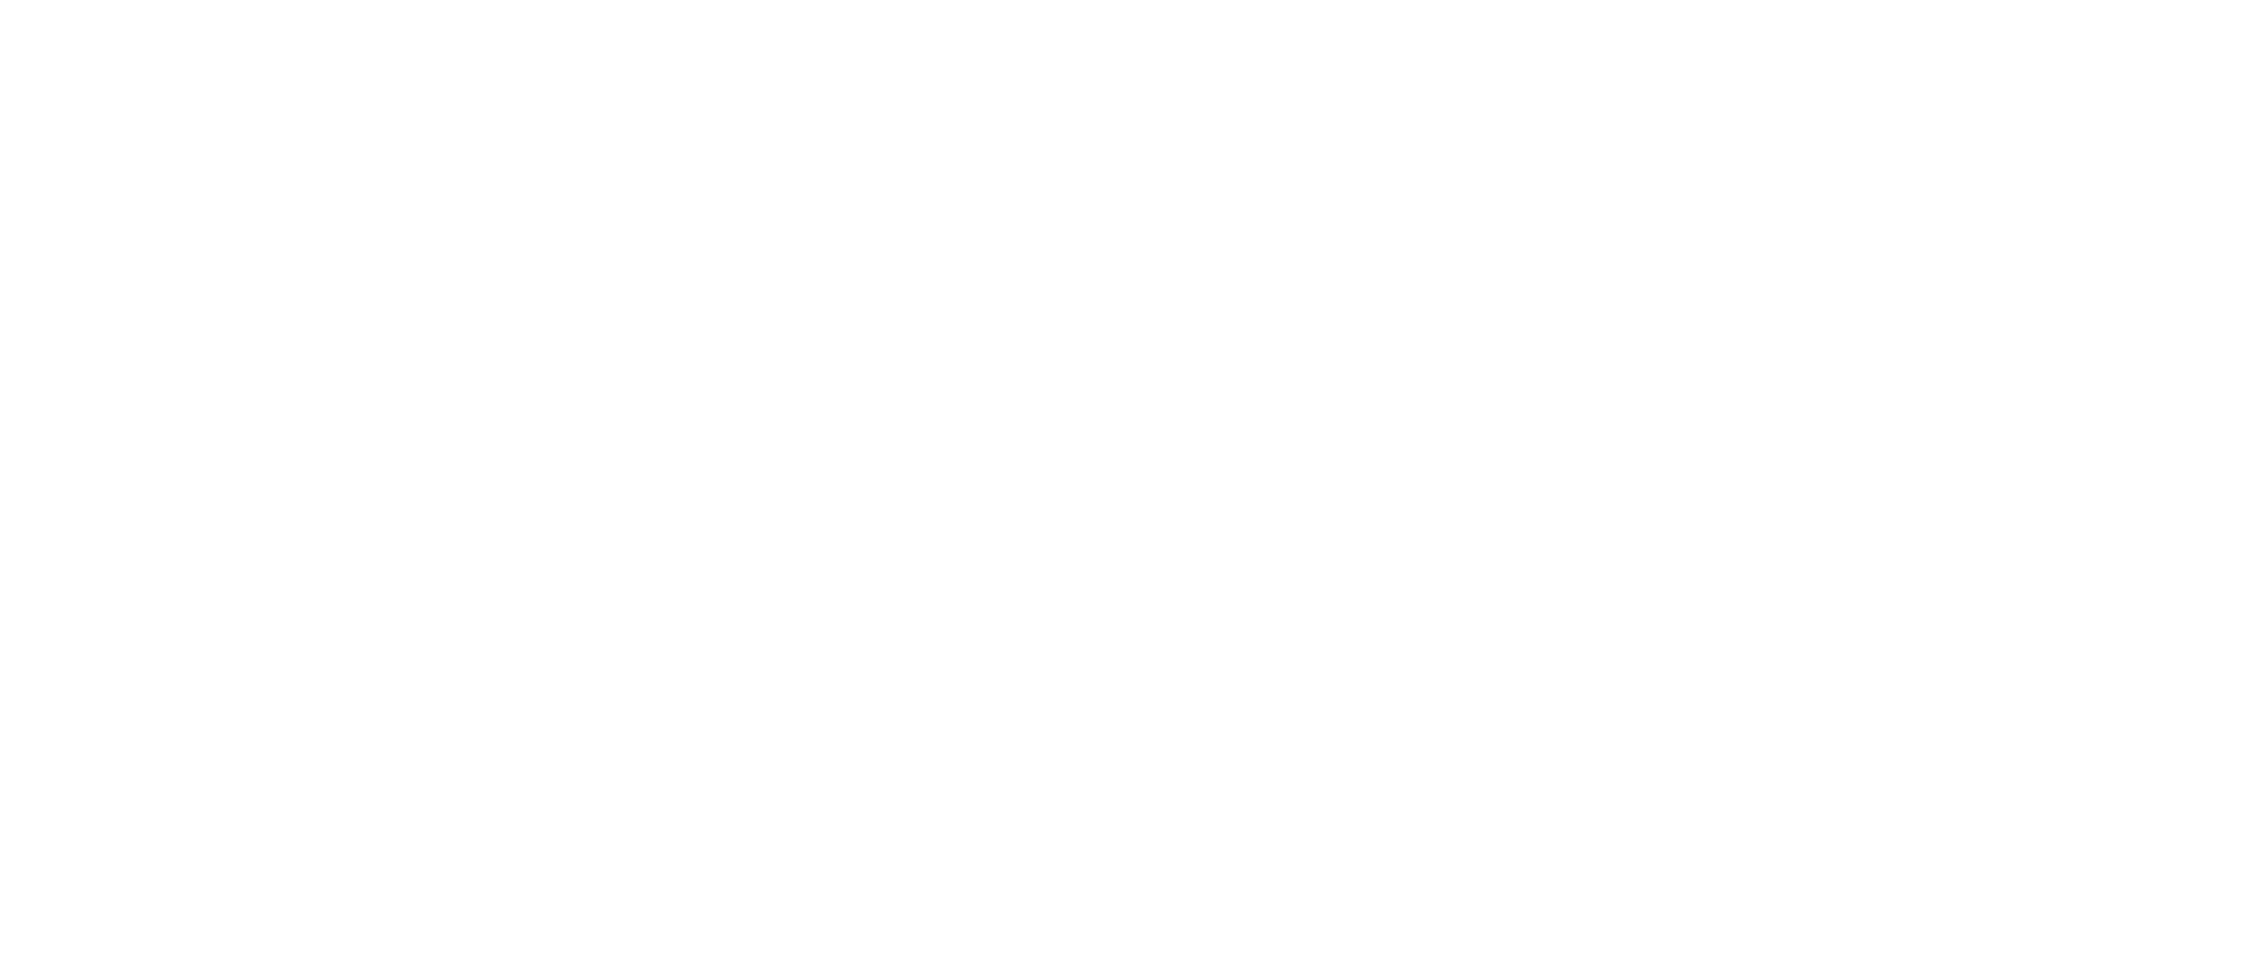 代官山のパーソナルトレーニングジム | パーソナルジム Nexus DAIKANYAMA (ネクサス ダイカンヤマ)